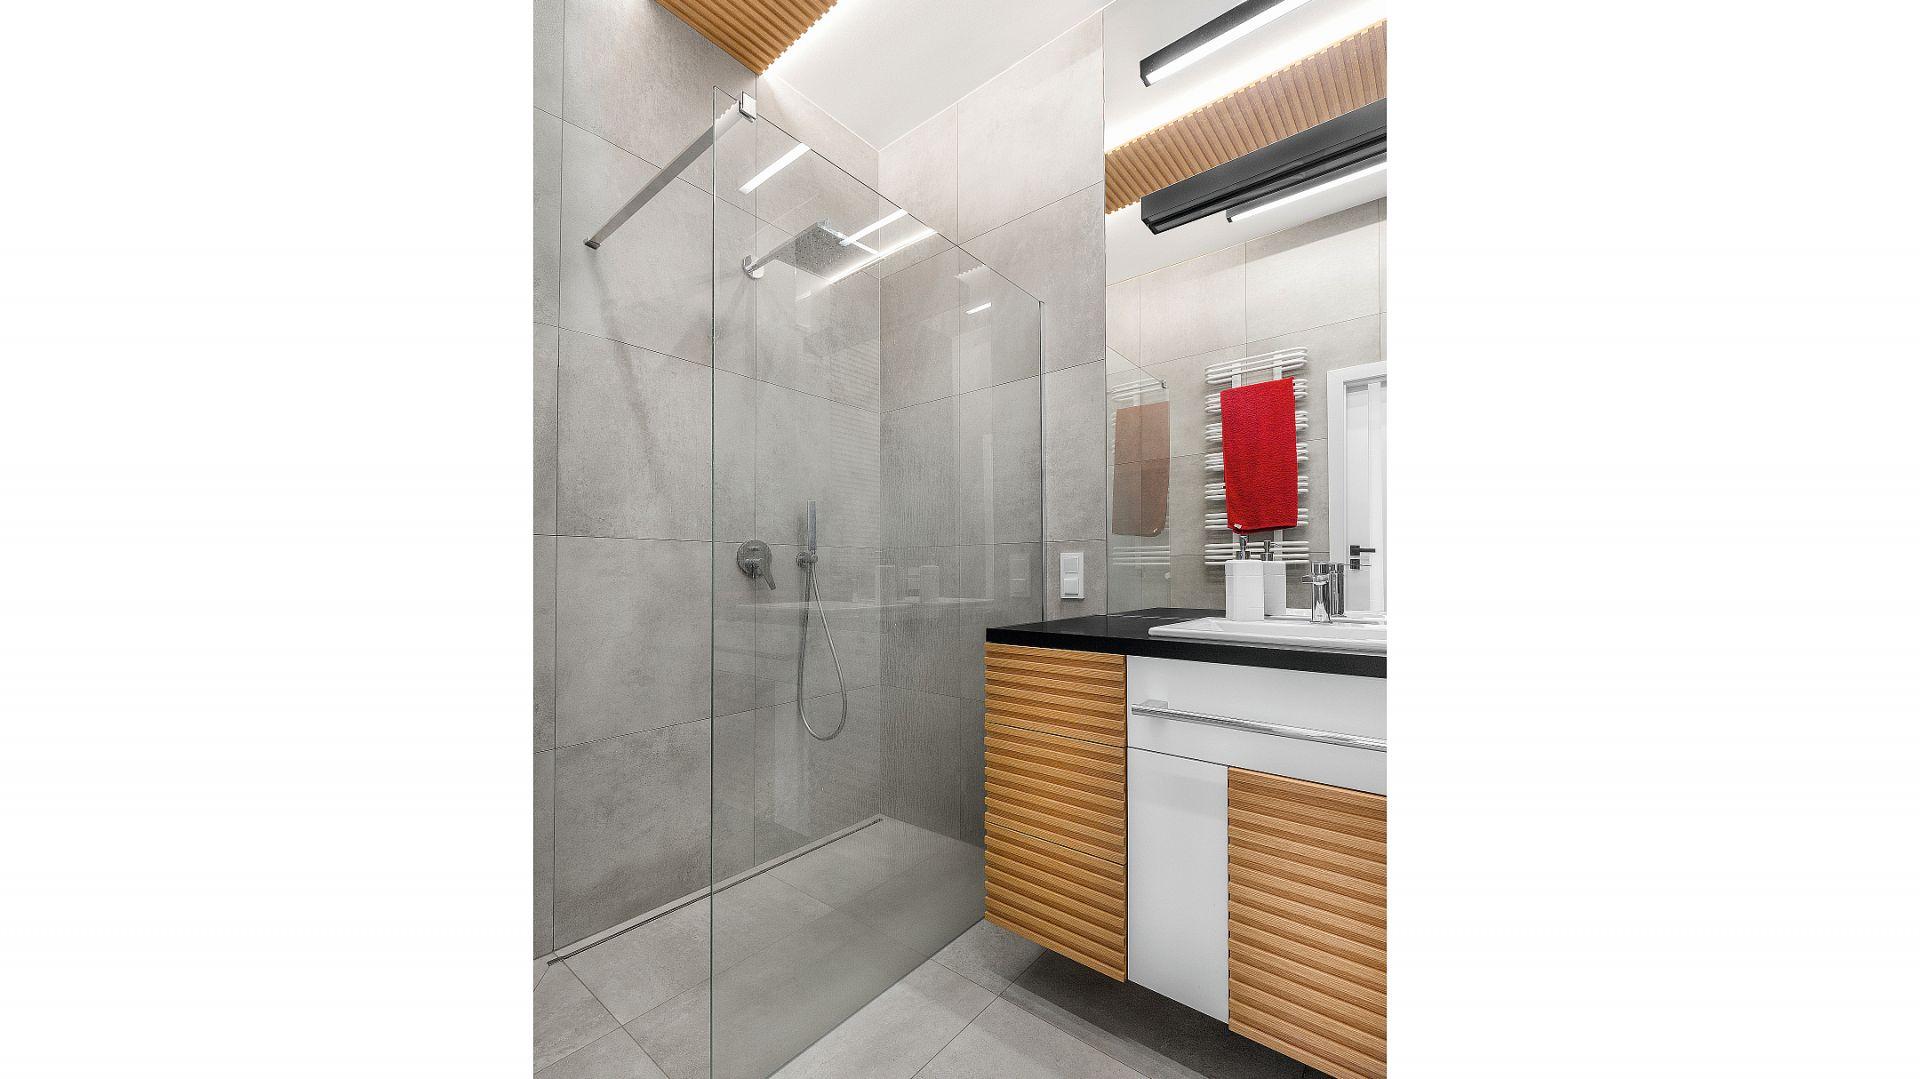 Energiczny prysznic zapewnia kabina typu walk-in oraz nowoczesna armatura z komfortową deszczownią marki Tres. Projekt: Joanna Rej. Stylizacja: Pion Poziom-Fotografia Wnętrze. Fot. Pion Poziom-Fotografia Wnętrze.